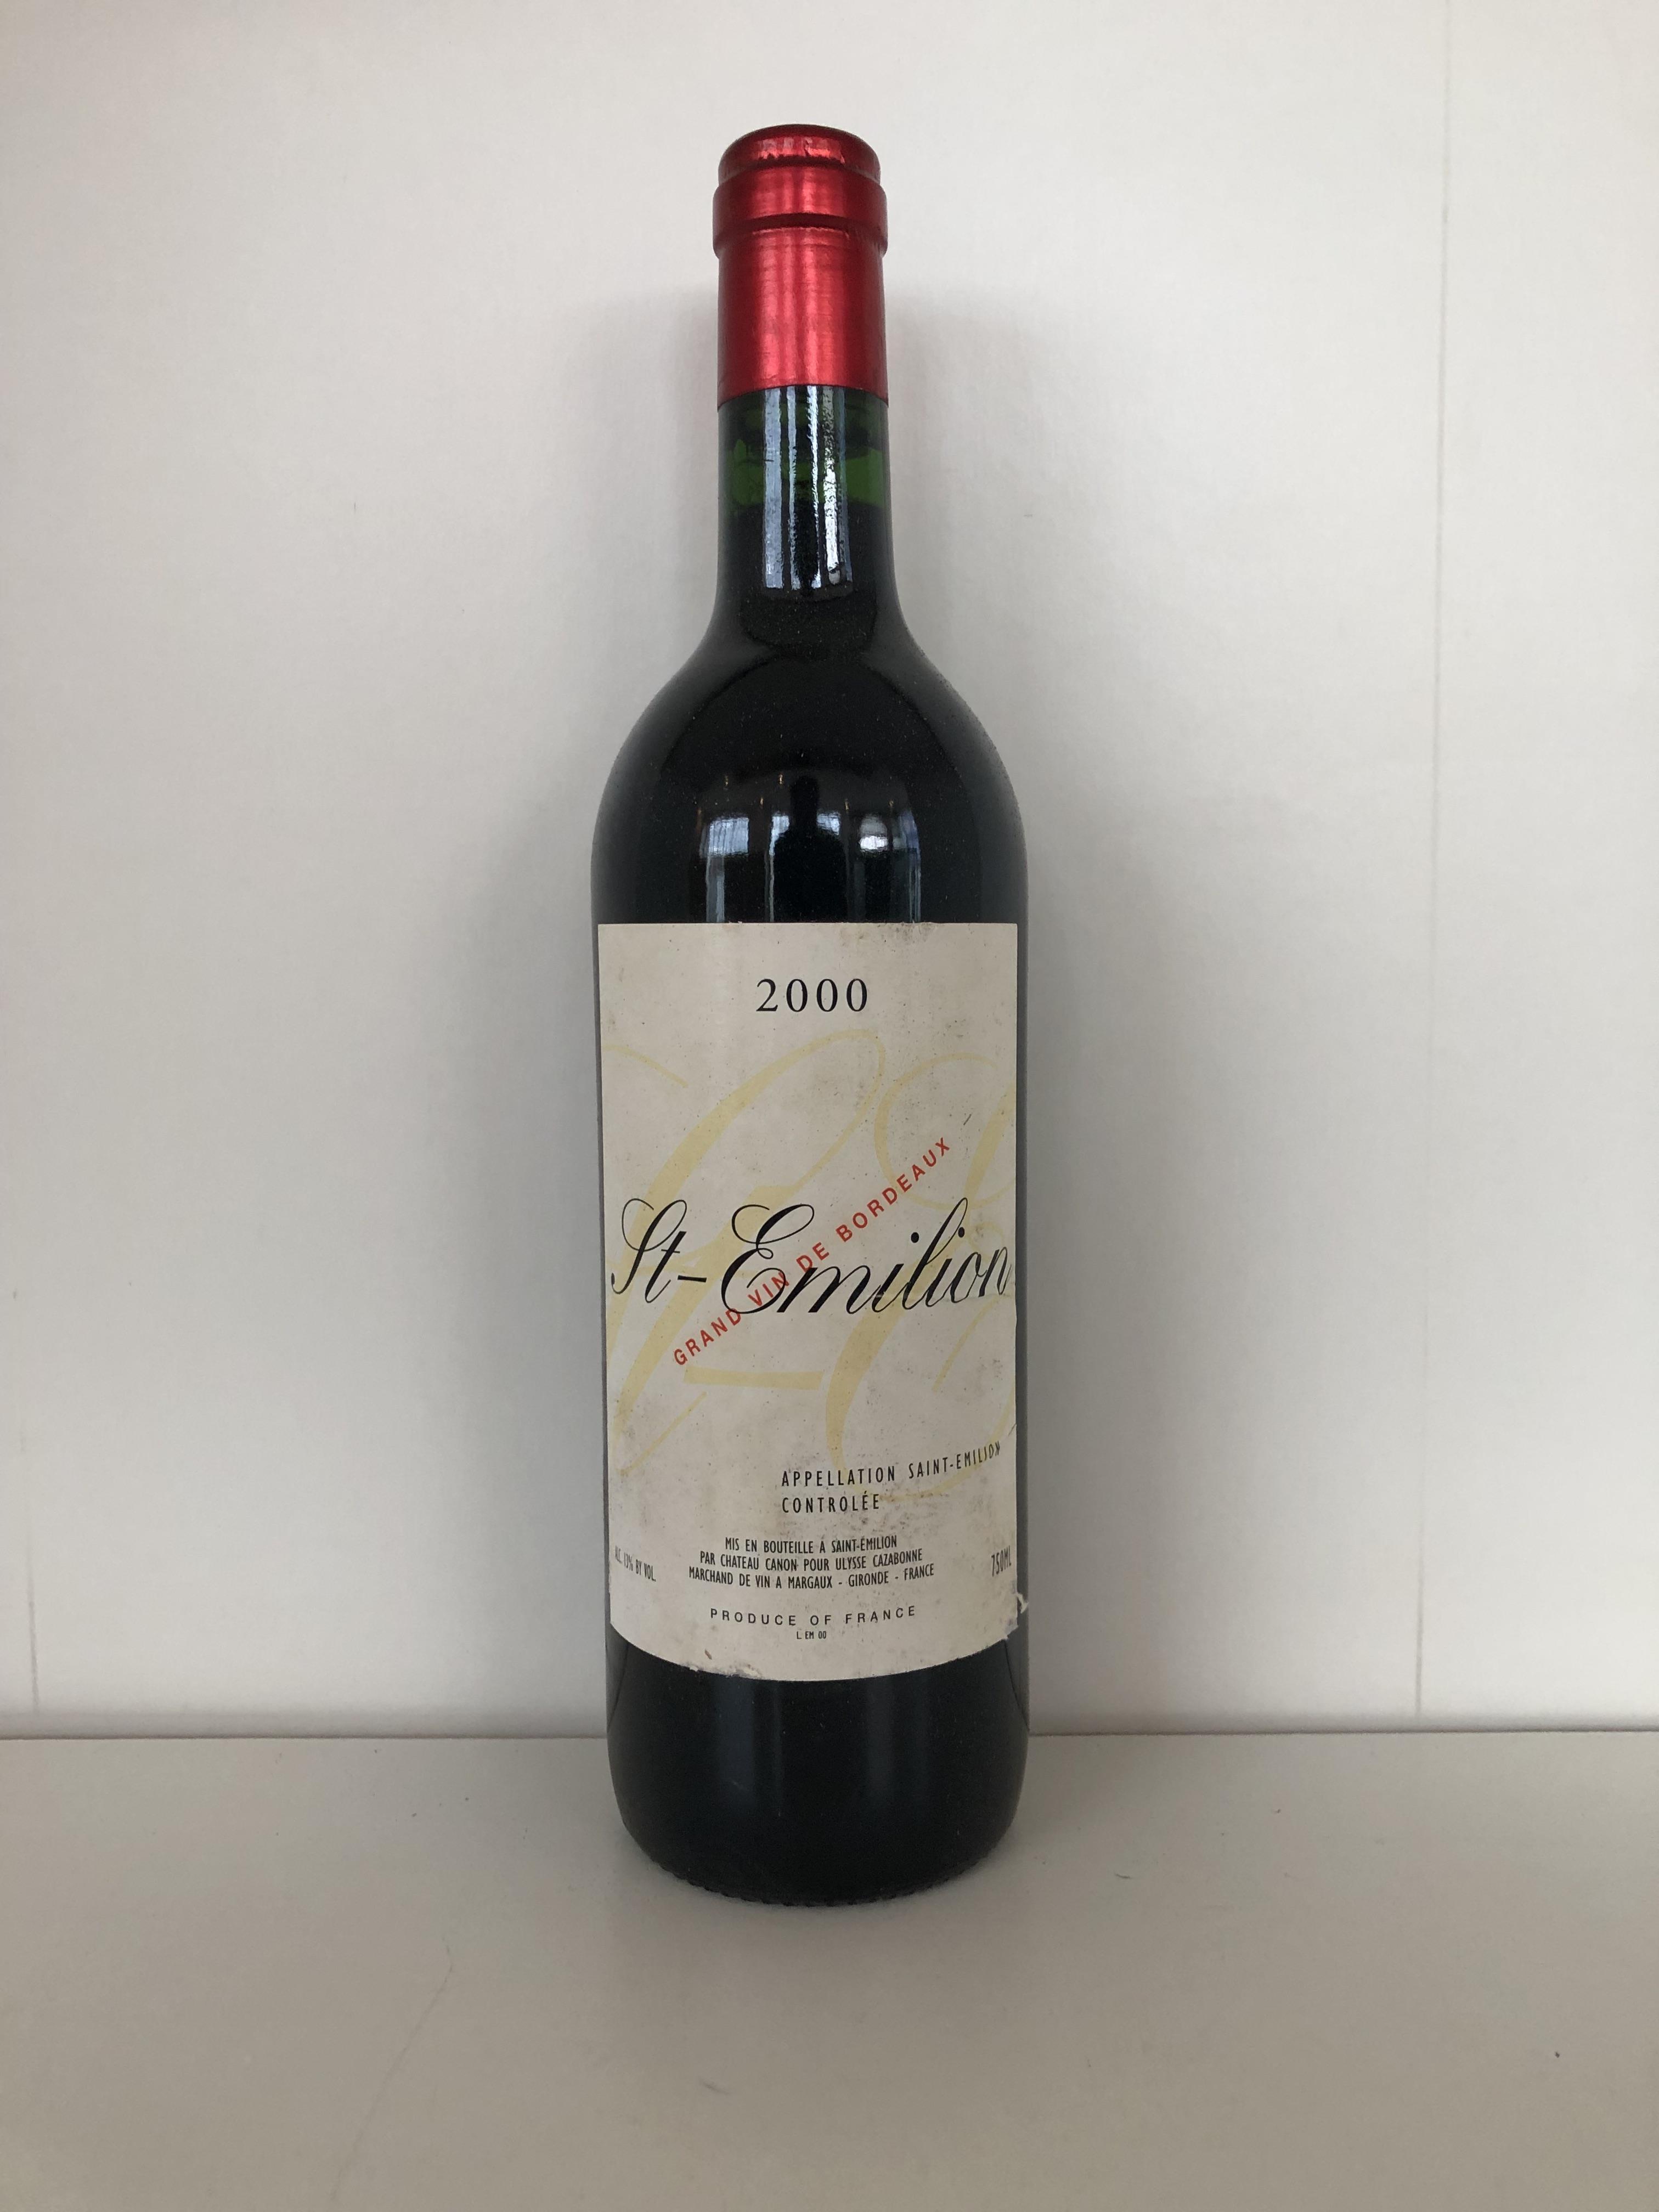 Lot 47 - 2000 Saint Emilion, Ulysses Cazabonne, St Emilion, Bordeaux, France, 12 bottles